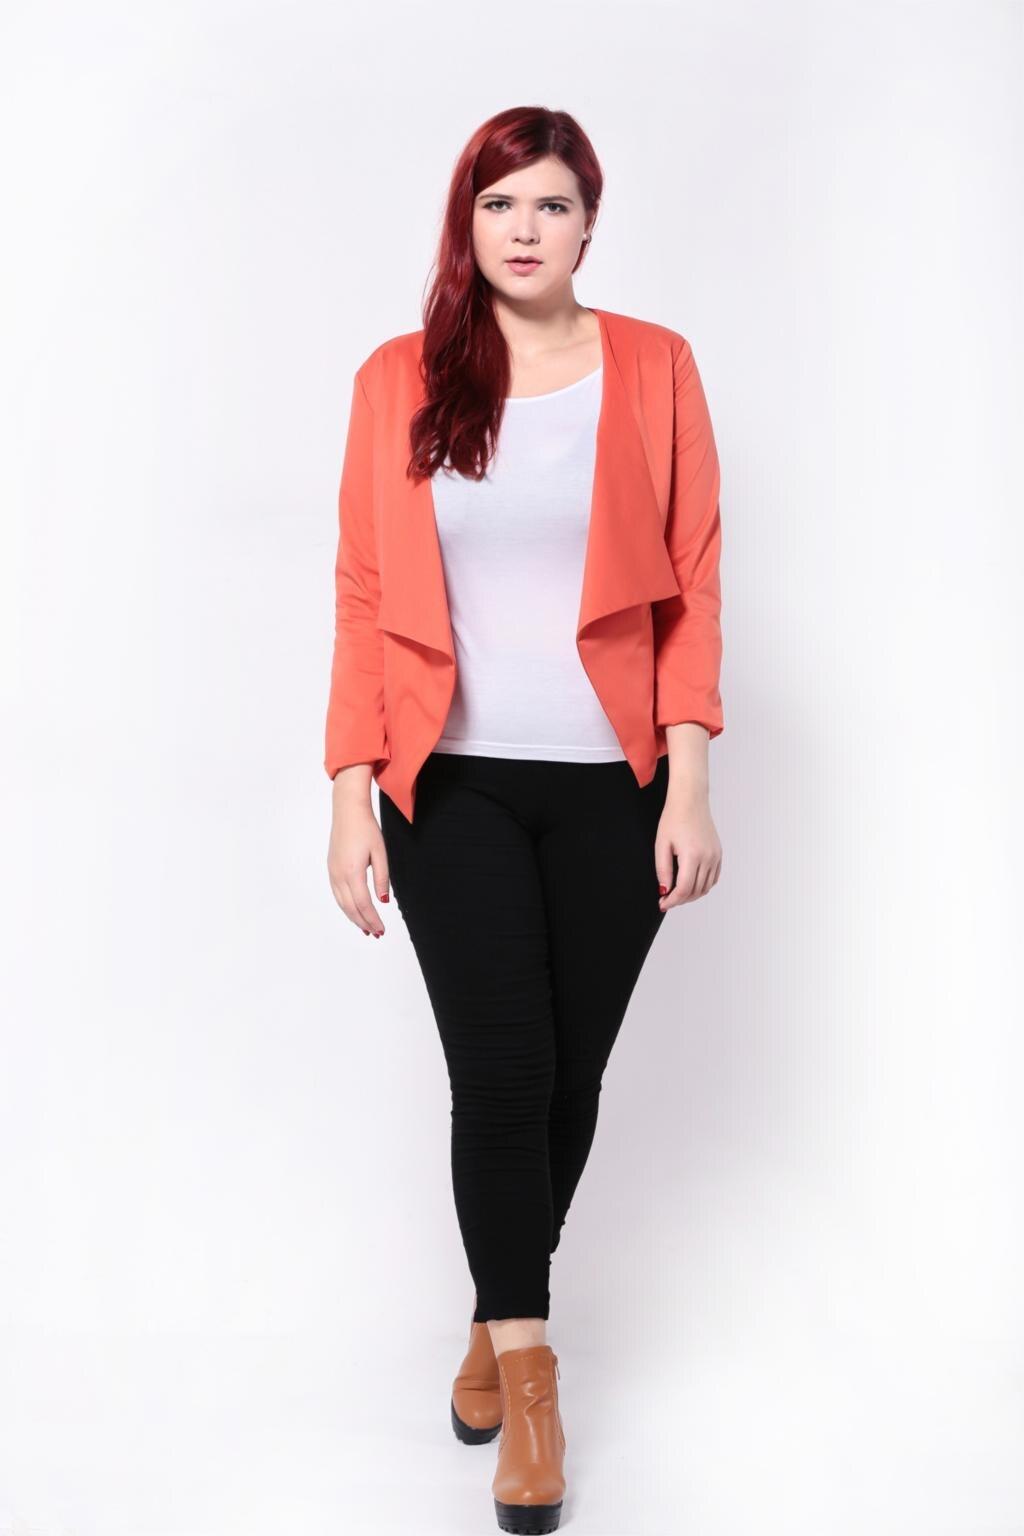 Fashion Waterfall Blazer Plus Size Women Clothing 2016 Autumn Jacket ... a58e46546604